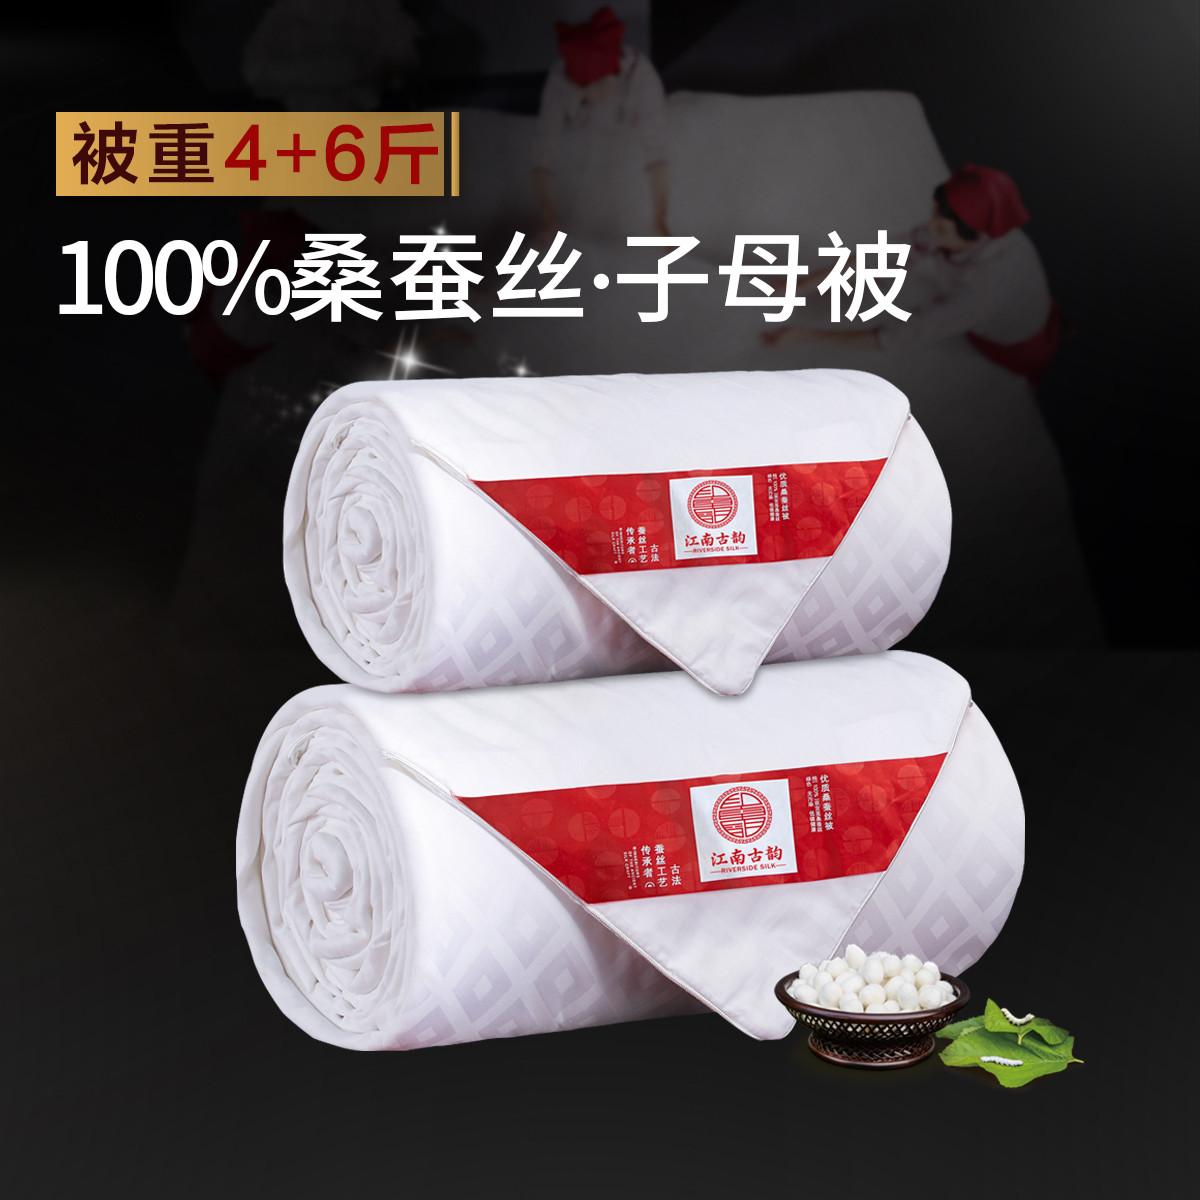 江南古韵100%桑蚕丝被重4+6斤四季通用子母被保暖春秋冬被子被芯jngy-jqrs